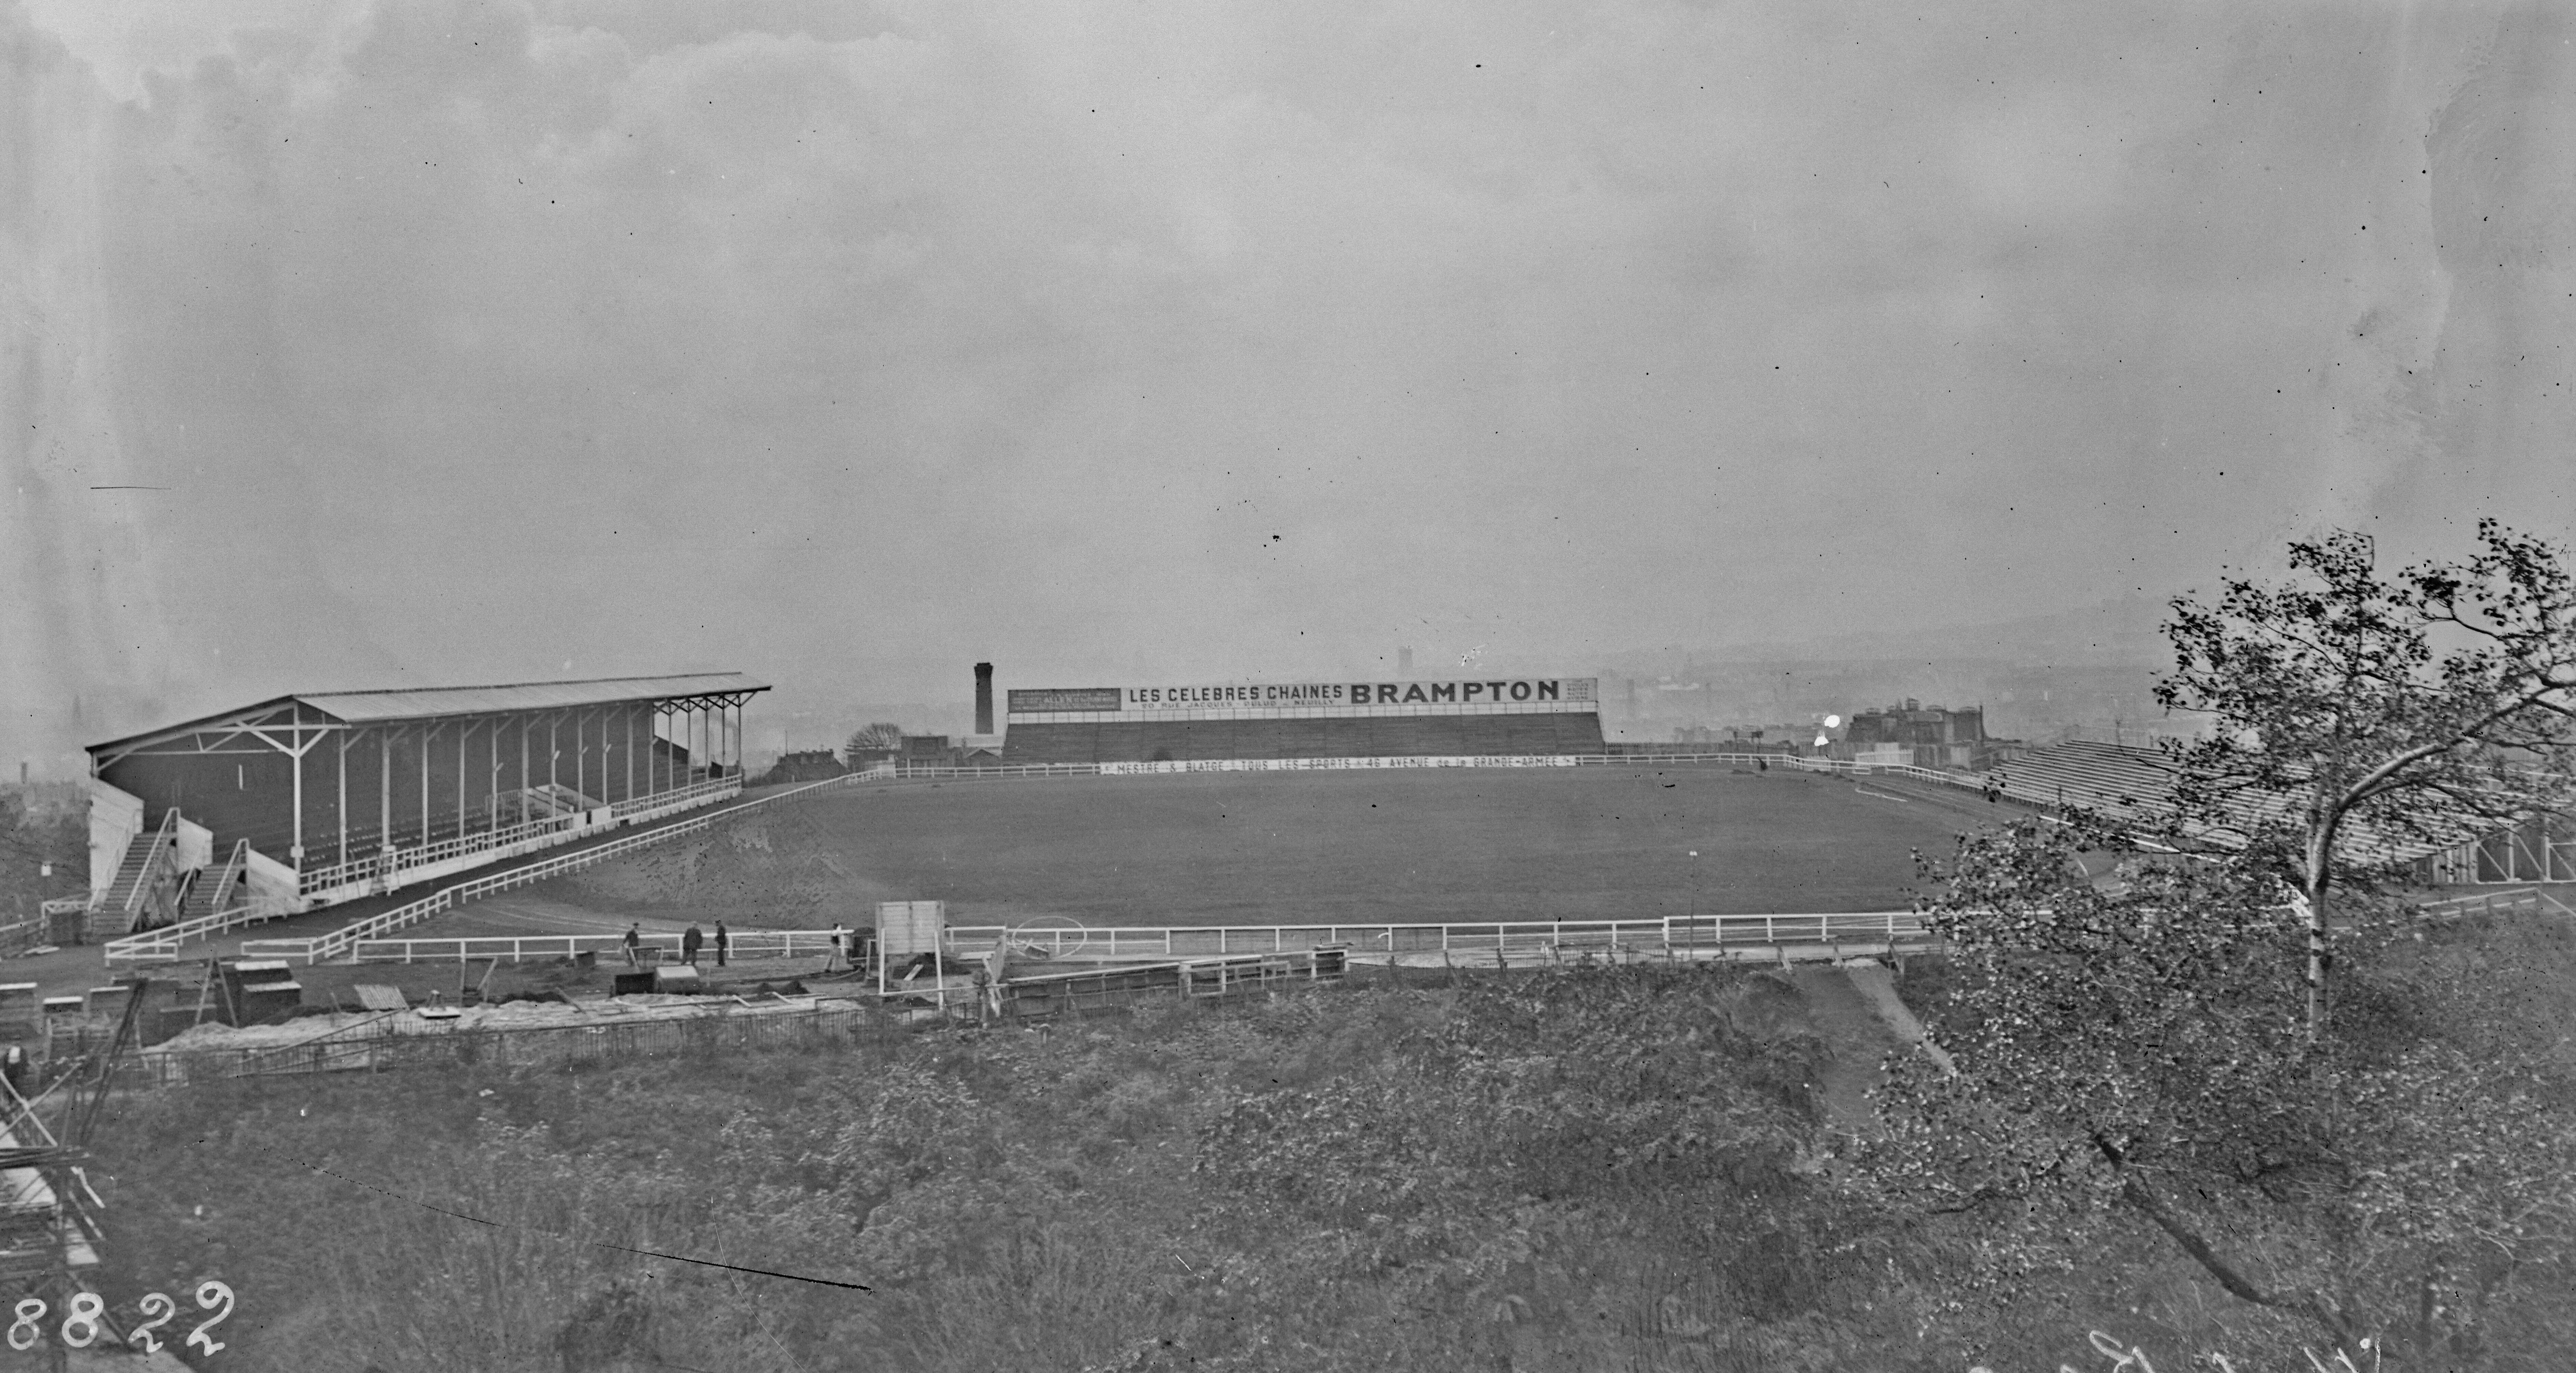 Αποτέλεσμα εικόνας για Stade Bergeyre 1924